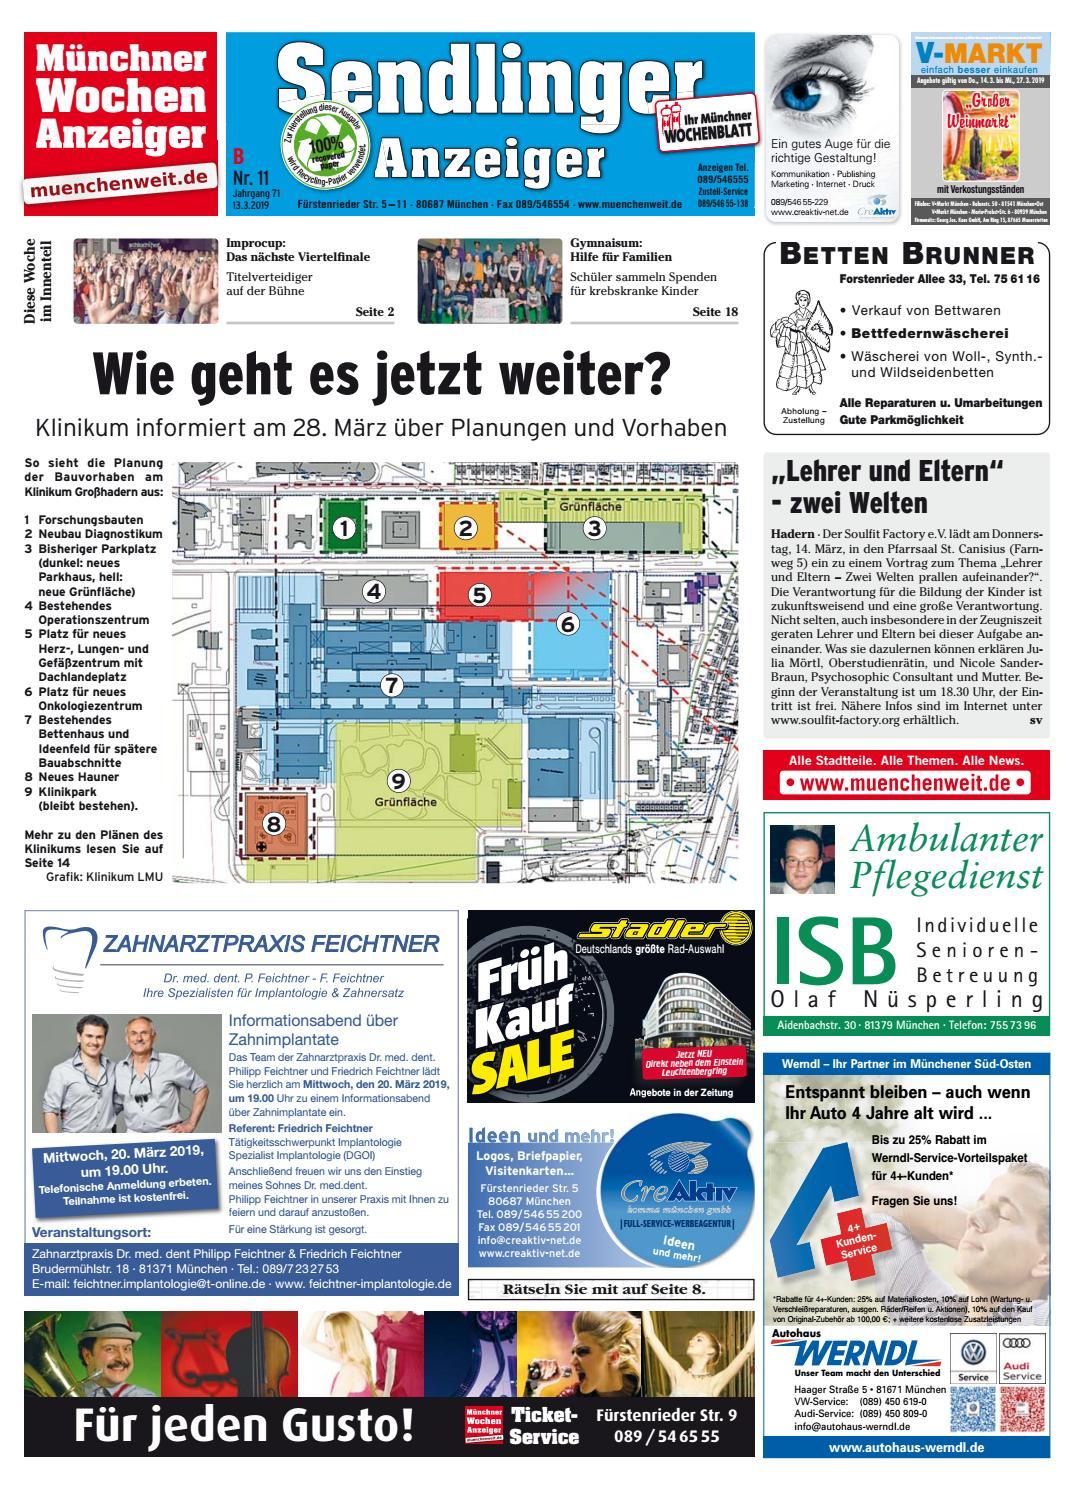 KW 11 2019 by Wochenanzeiger Medien GmbH issuu